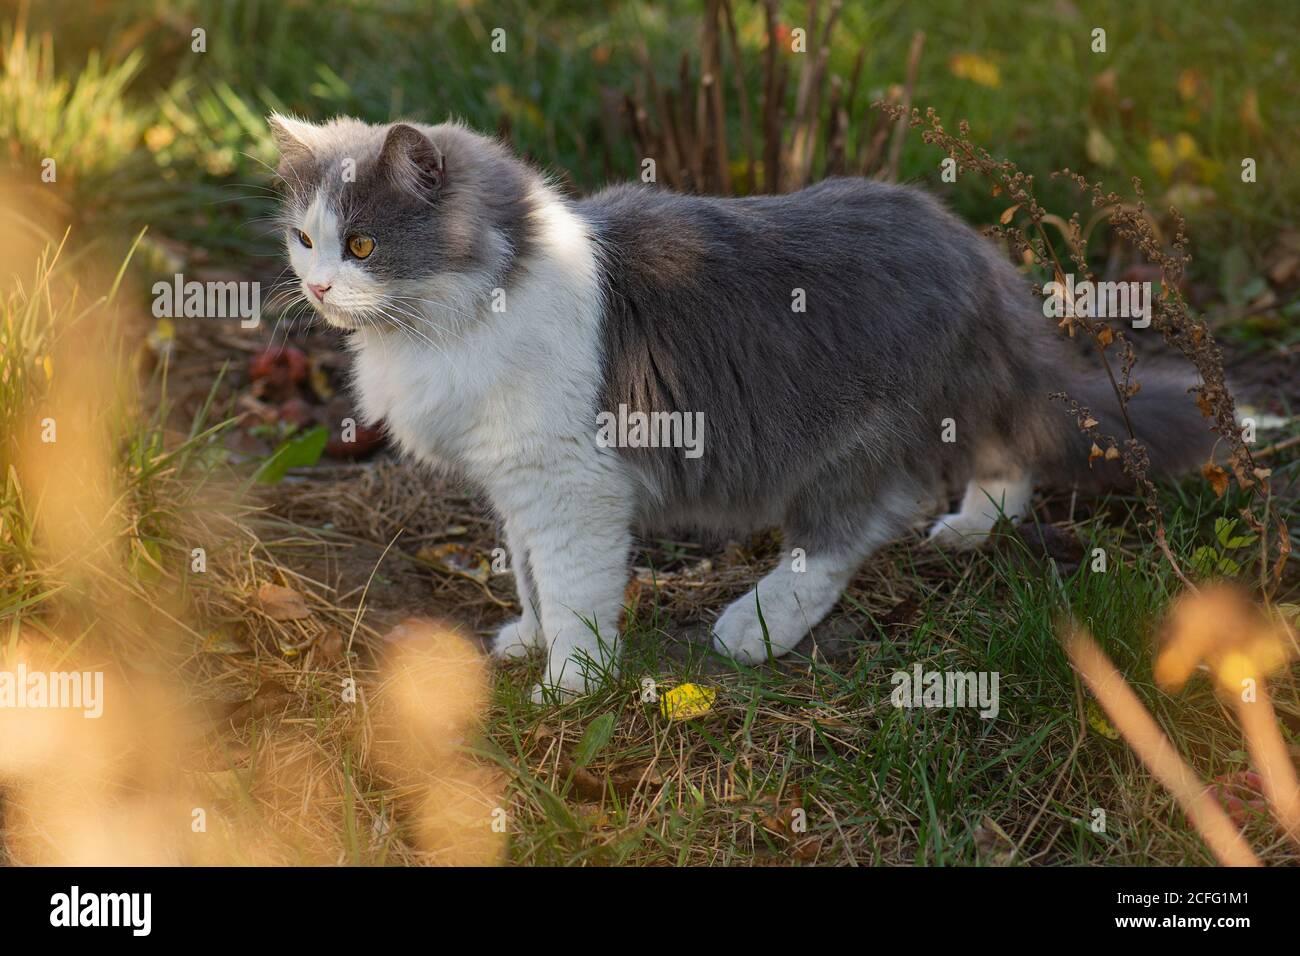 Lustige Kätzchen in gelben Herbstblättern. Katze spielt im Herbst mit Laub. Britisches Kätzchen in farbigen Blättern auf der Natur. Stockfoto